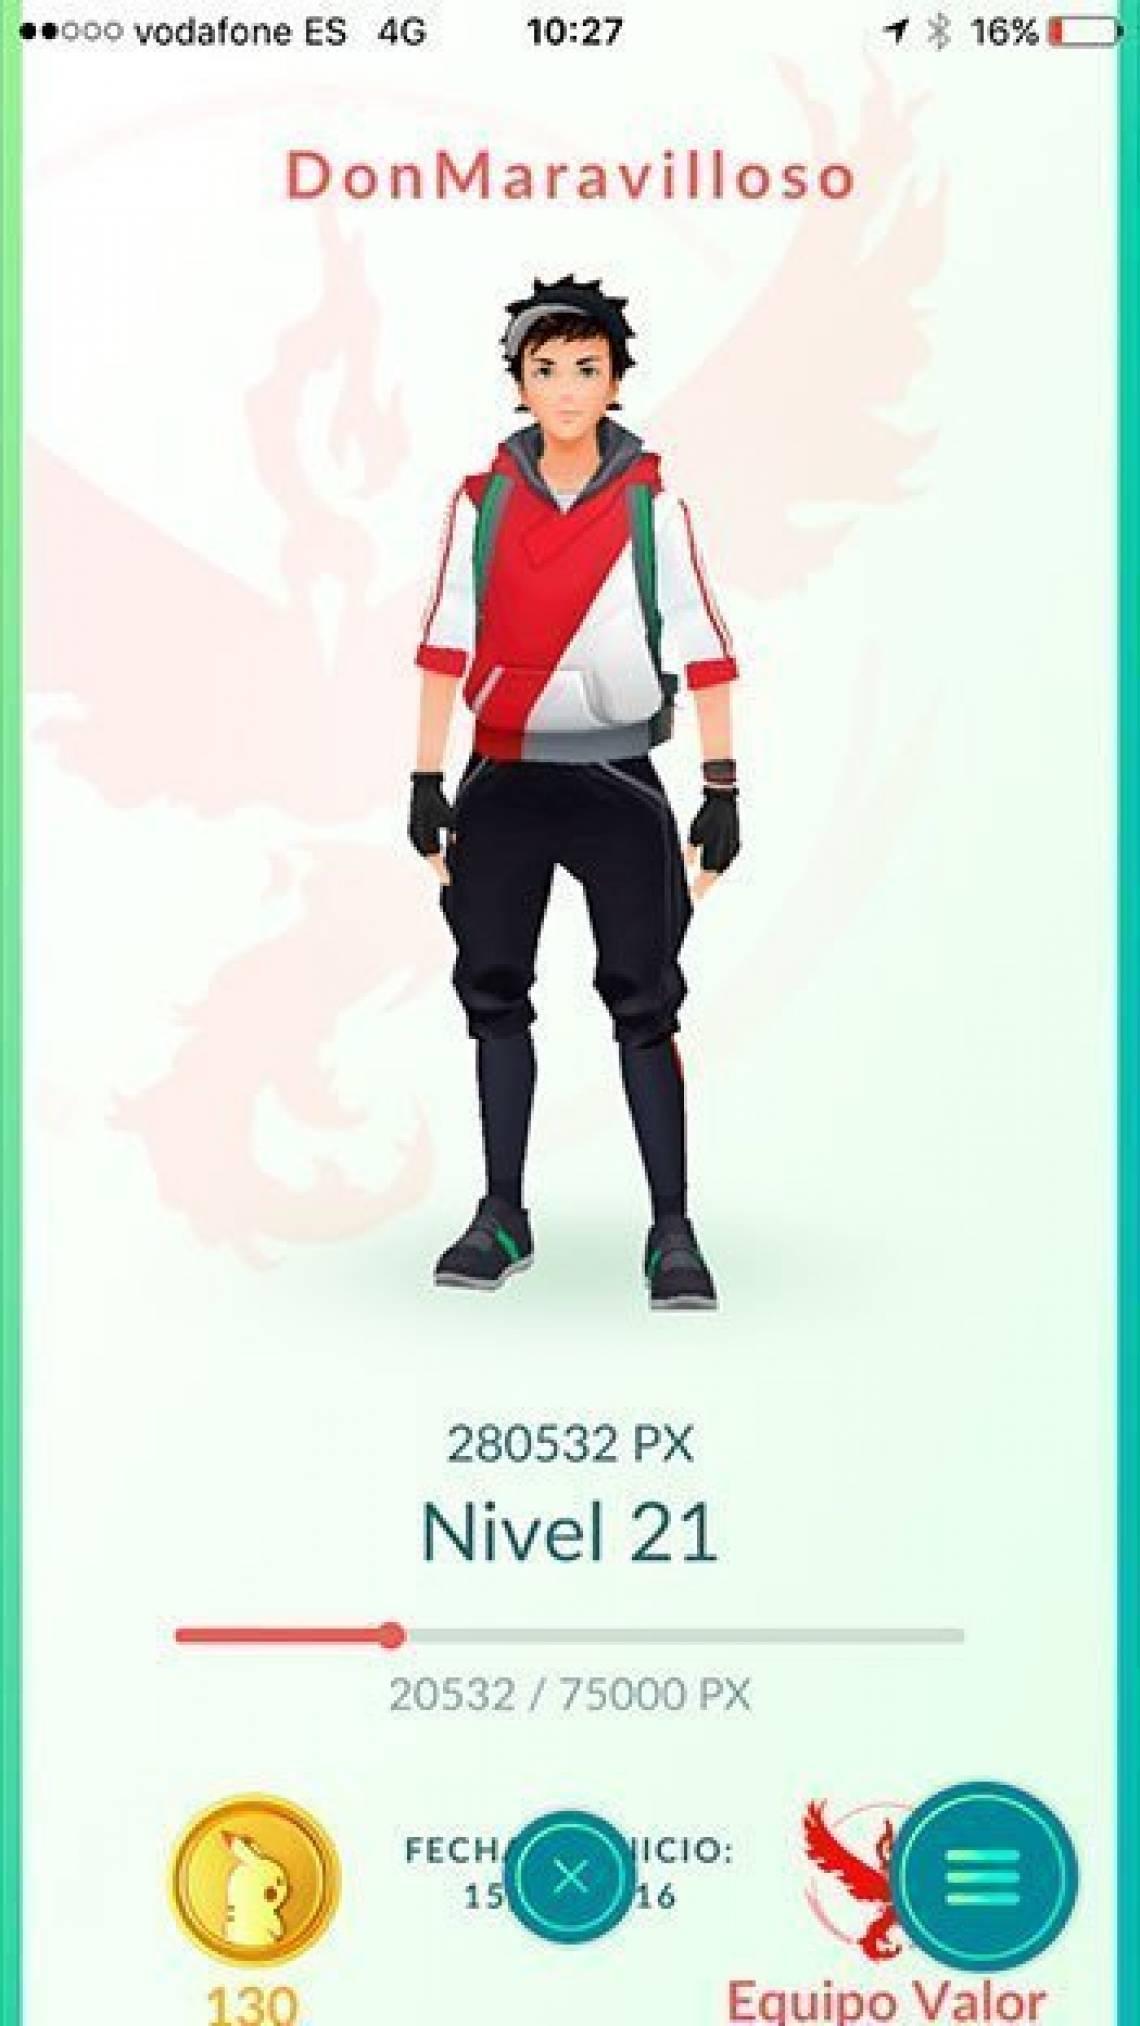 ¿No puedes dejar de pensar en tu ex? ¡Ve a cazar Pokémon! - Don Maravilloso Entrenador Pokemon